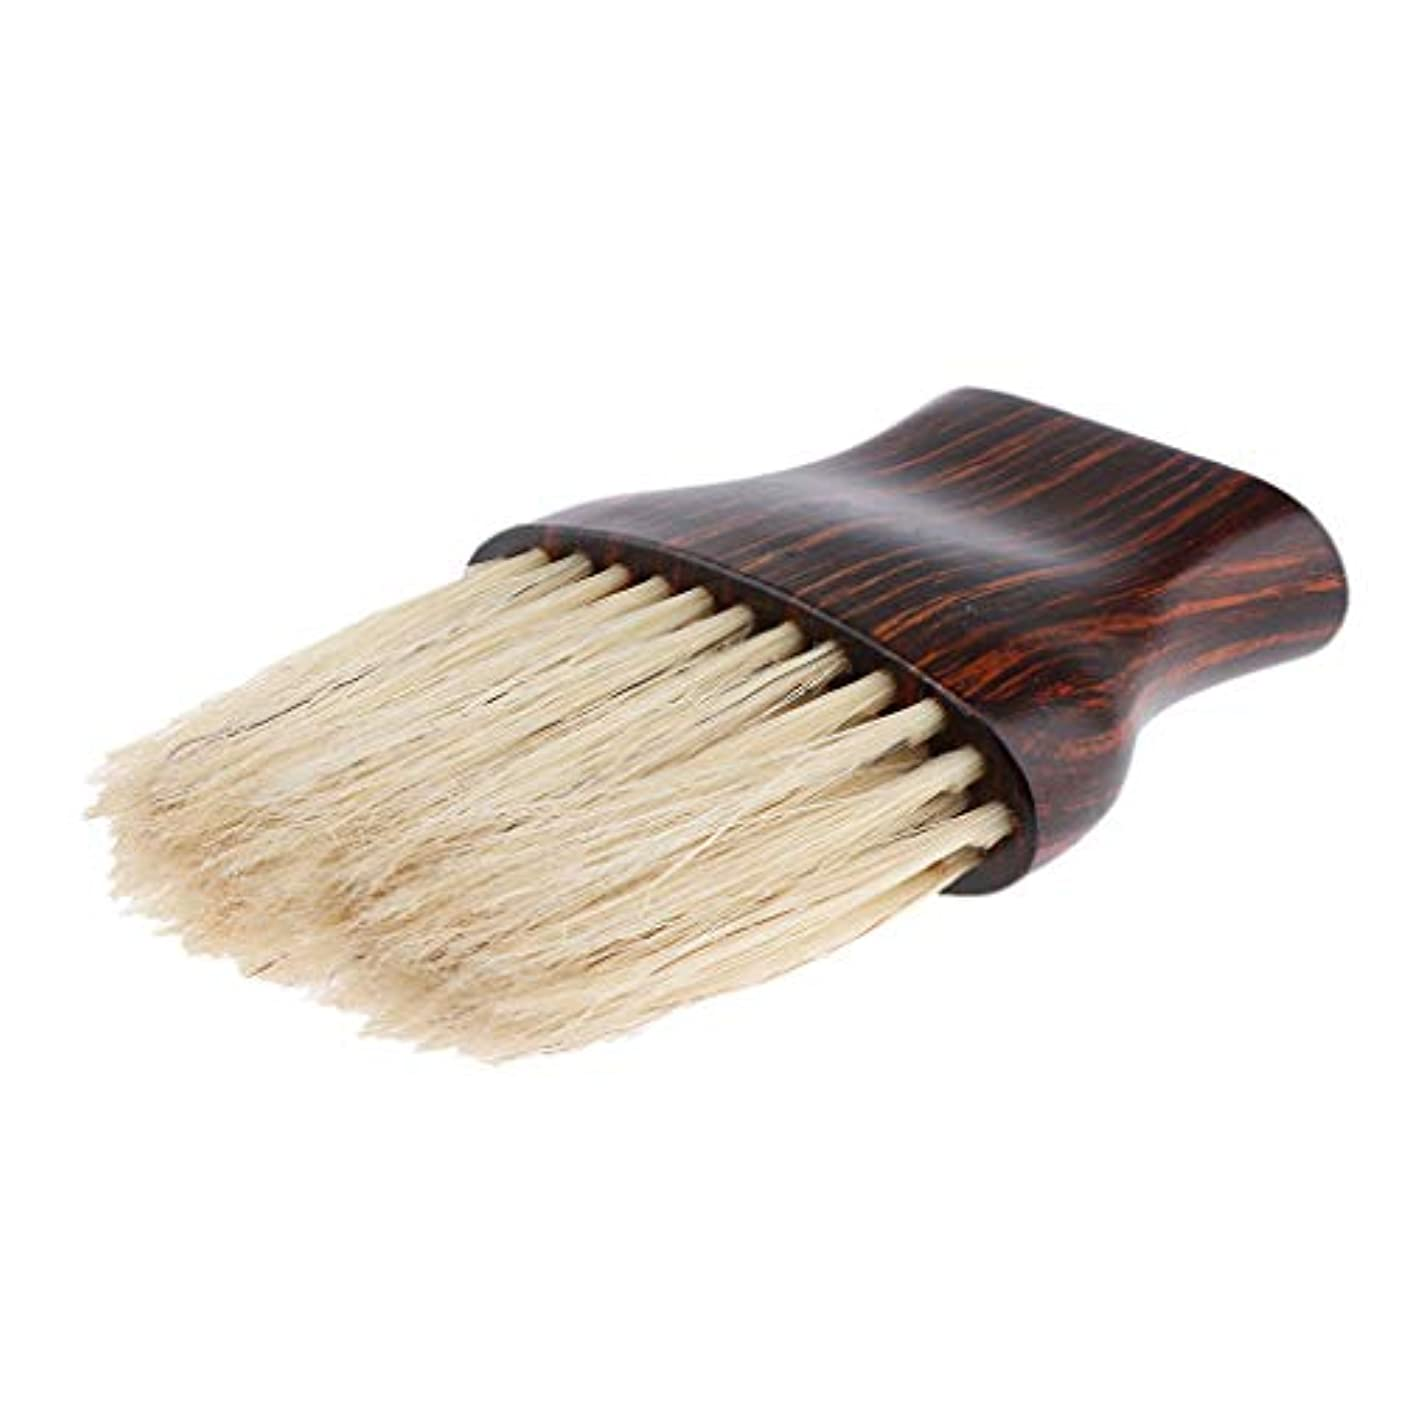 落ちた蓄積するあいまいなB Baosity ネックダスターブラシ 柔らかい繊維 ヘアブラシ 木製ハンドル 快適